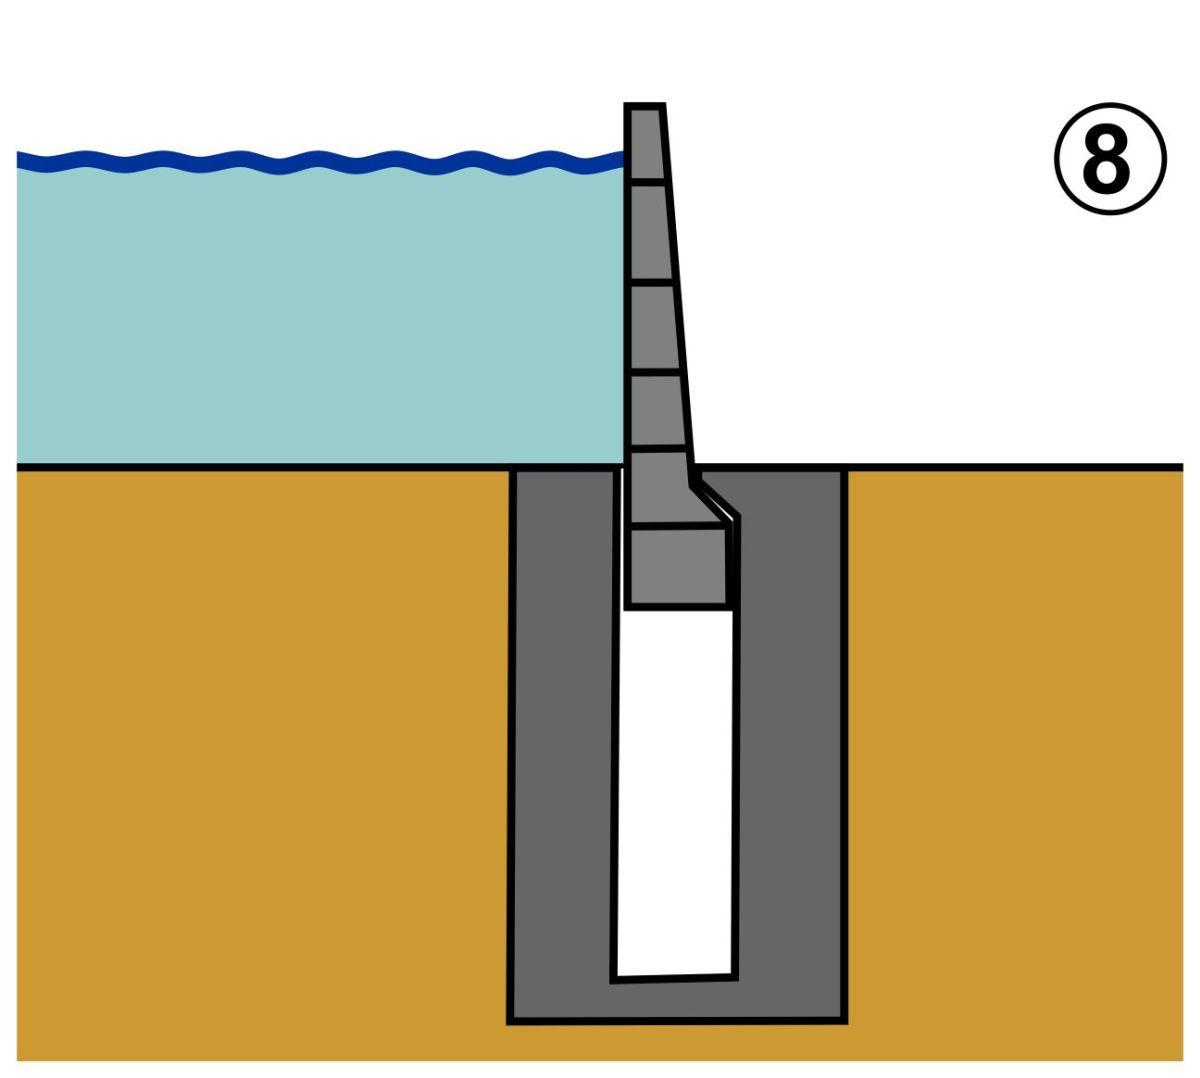 Mobiler Hochwasserschutz aufschwimmbare Systeme